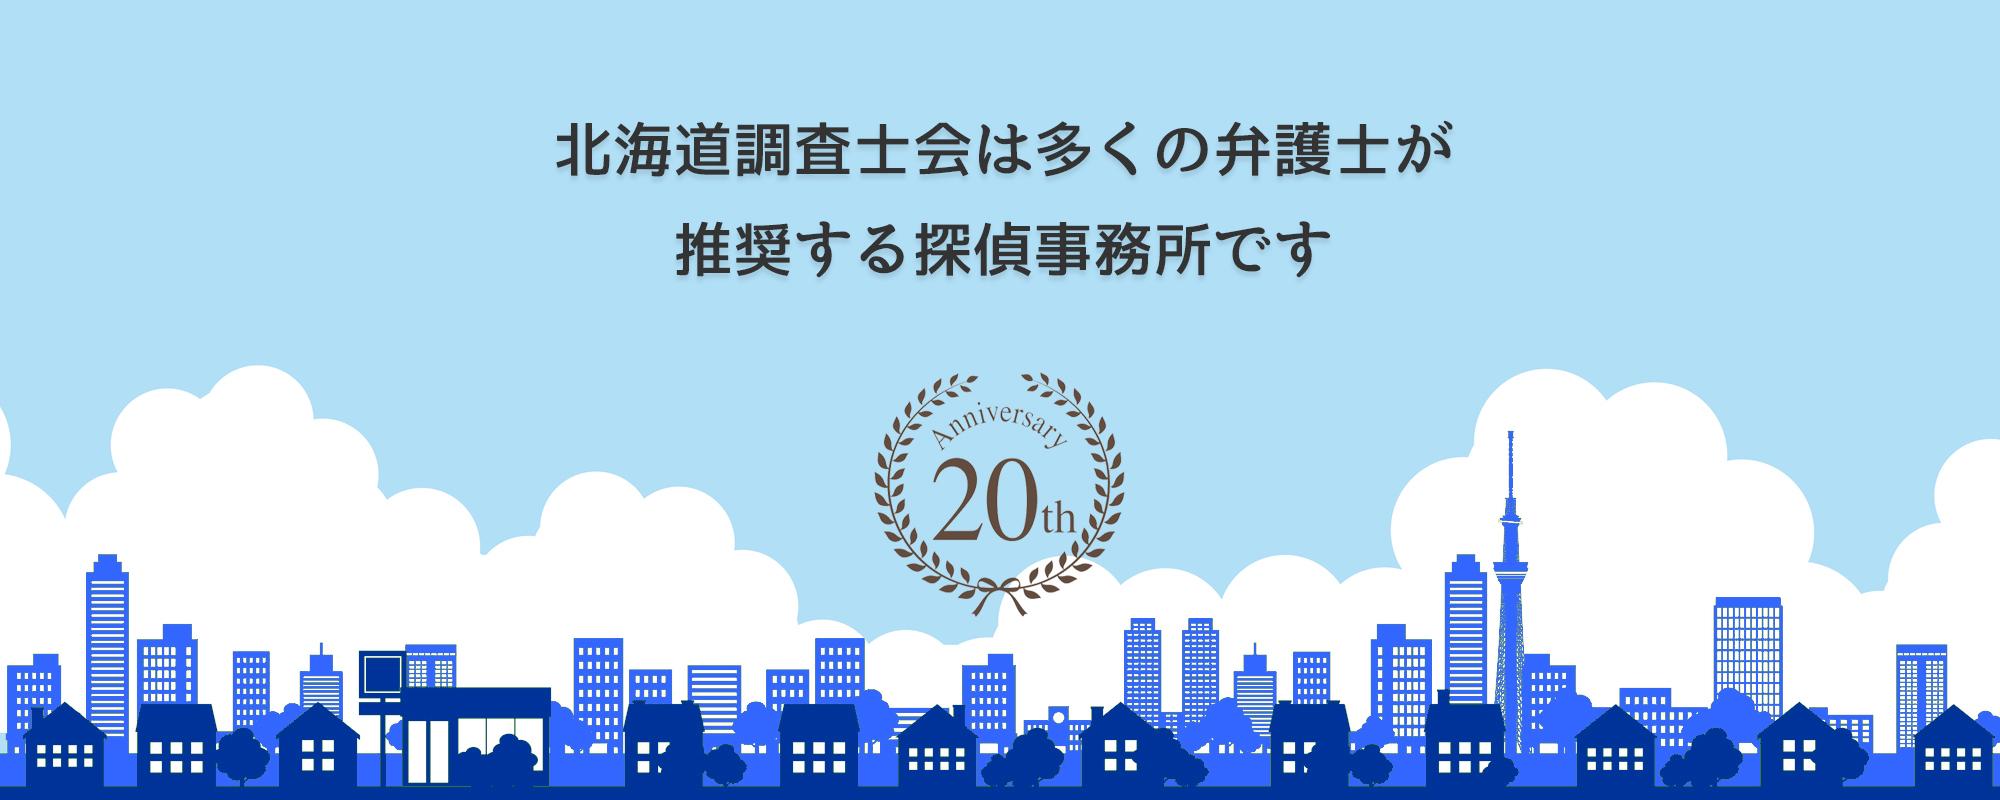 北海道相談室は多くの弁護士事務所に推奨されています。